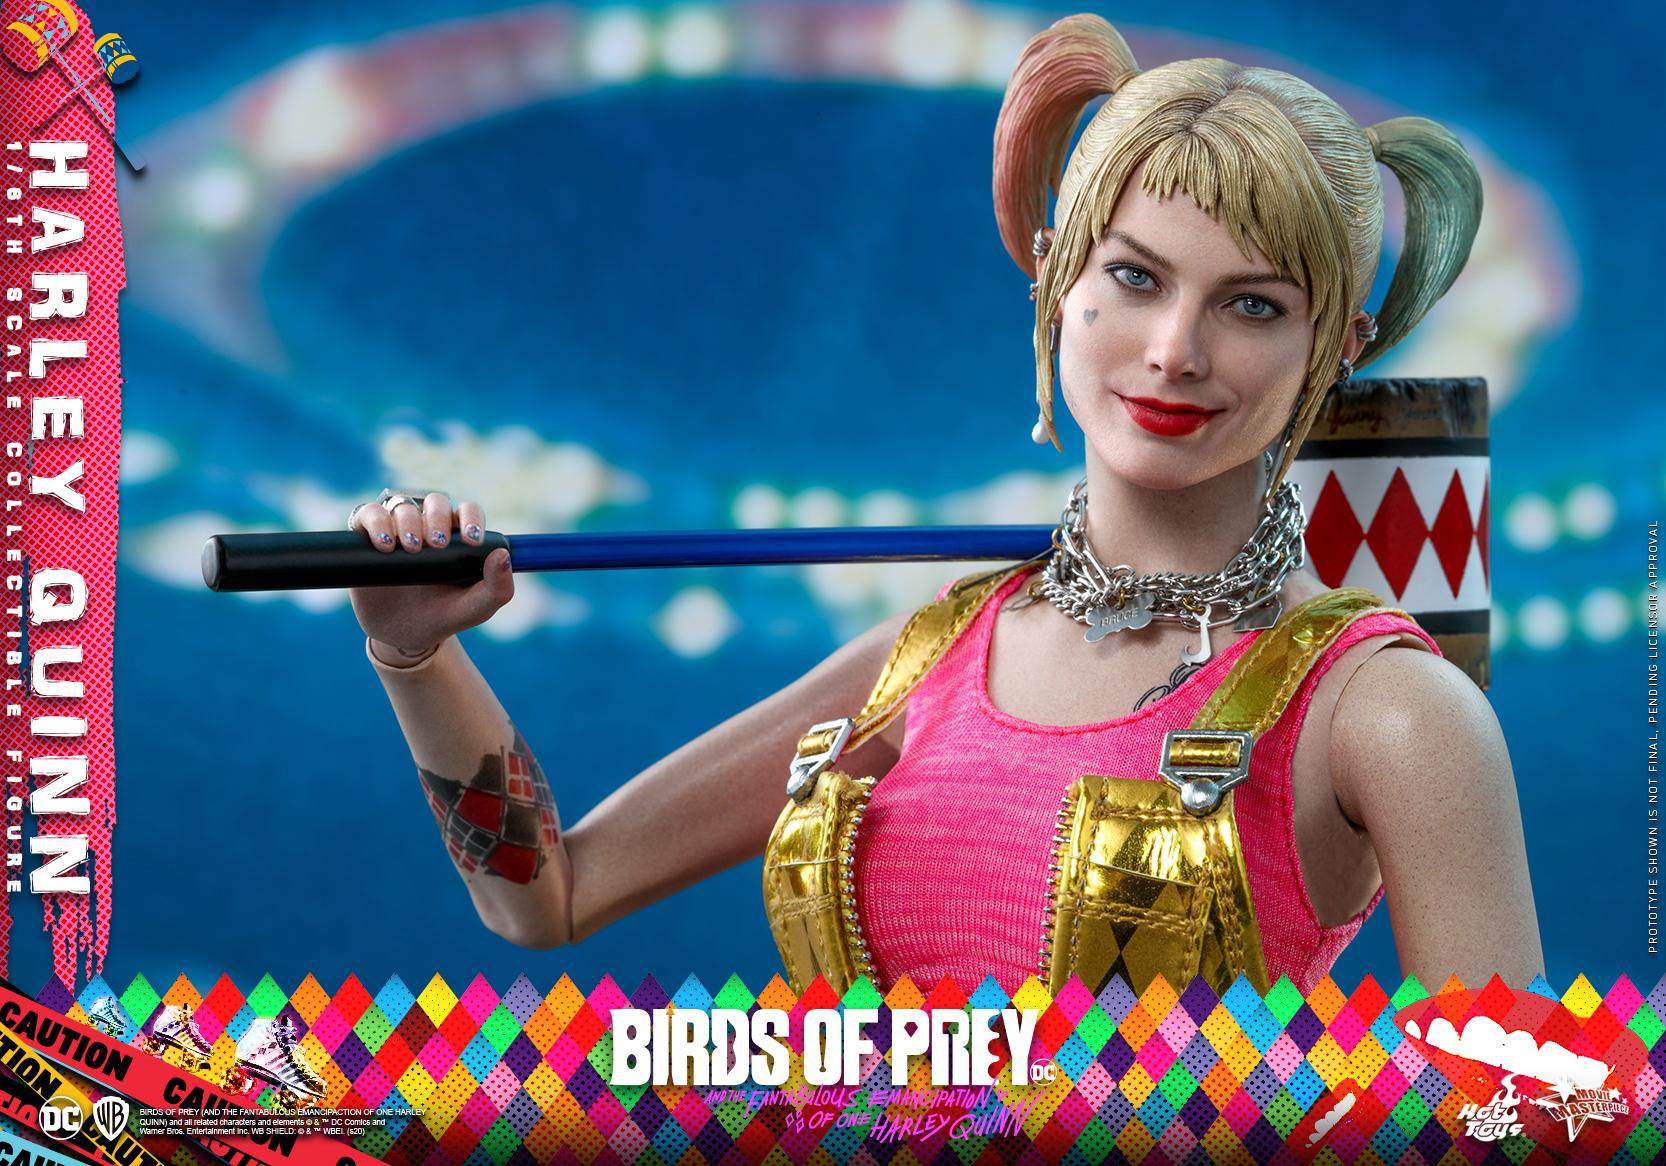 Birds of Prey – 1/6th scale Harley Quinn